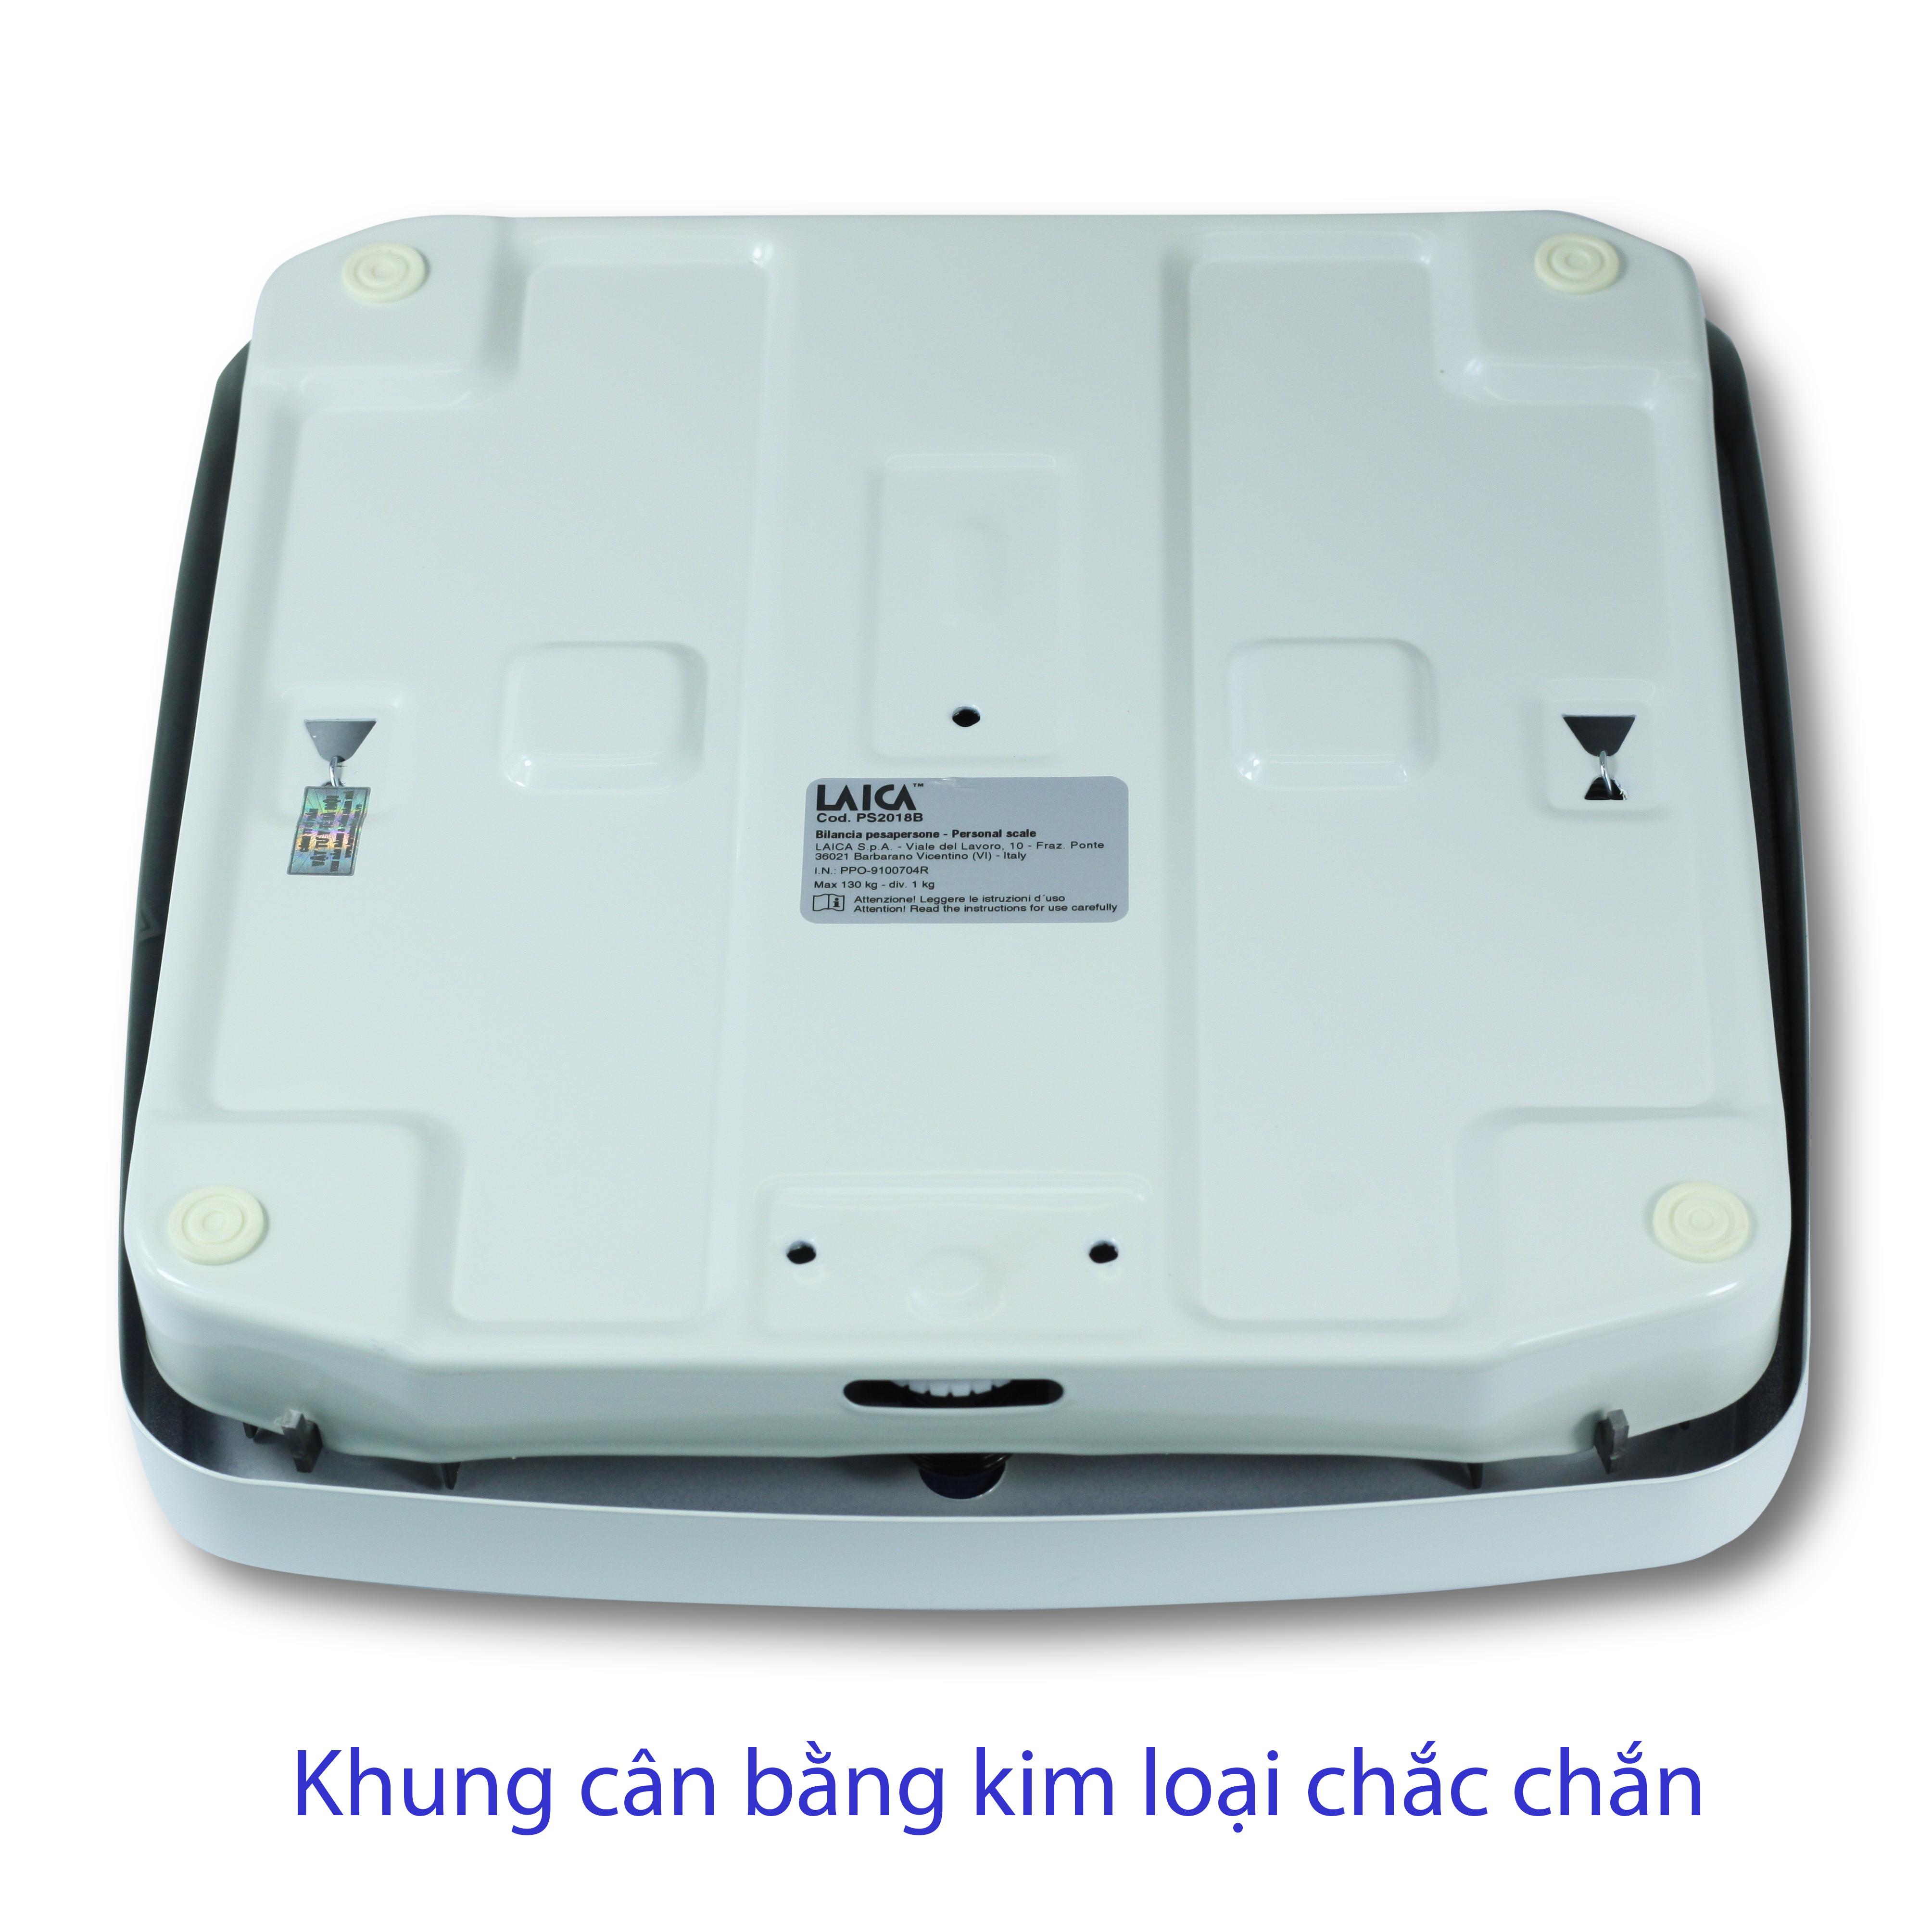 CÂN SỨC KHOẺ CƠ HỌC LAICA ITALY - 130 kg - Mặt cân phủ PVC chống trơn trượt - HÀNG CHÍNH HÃNG